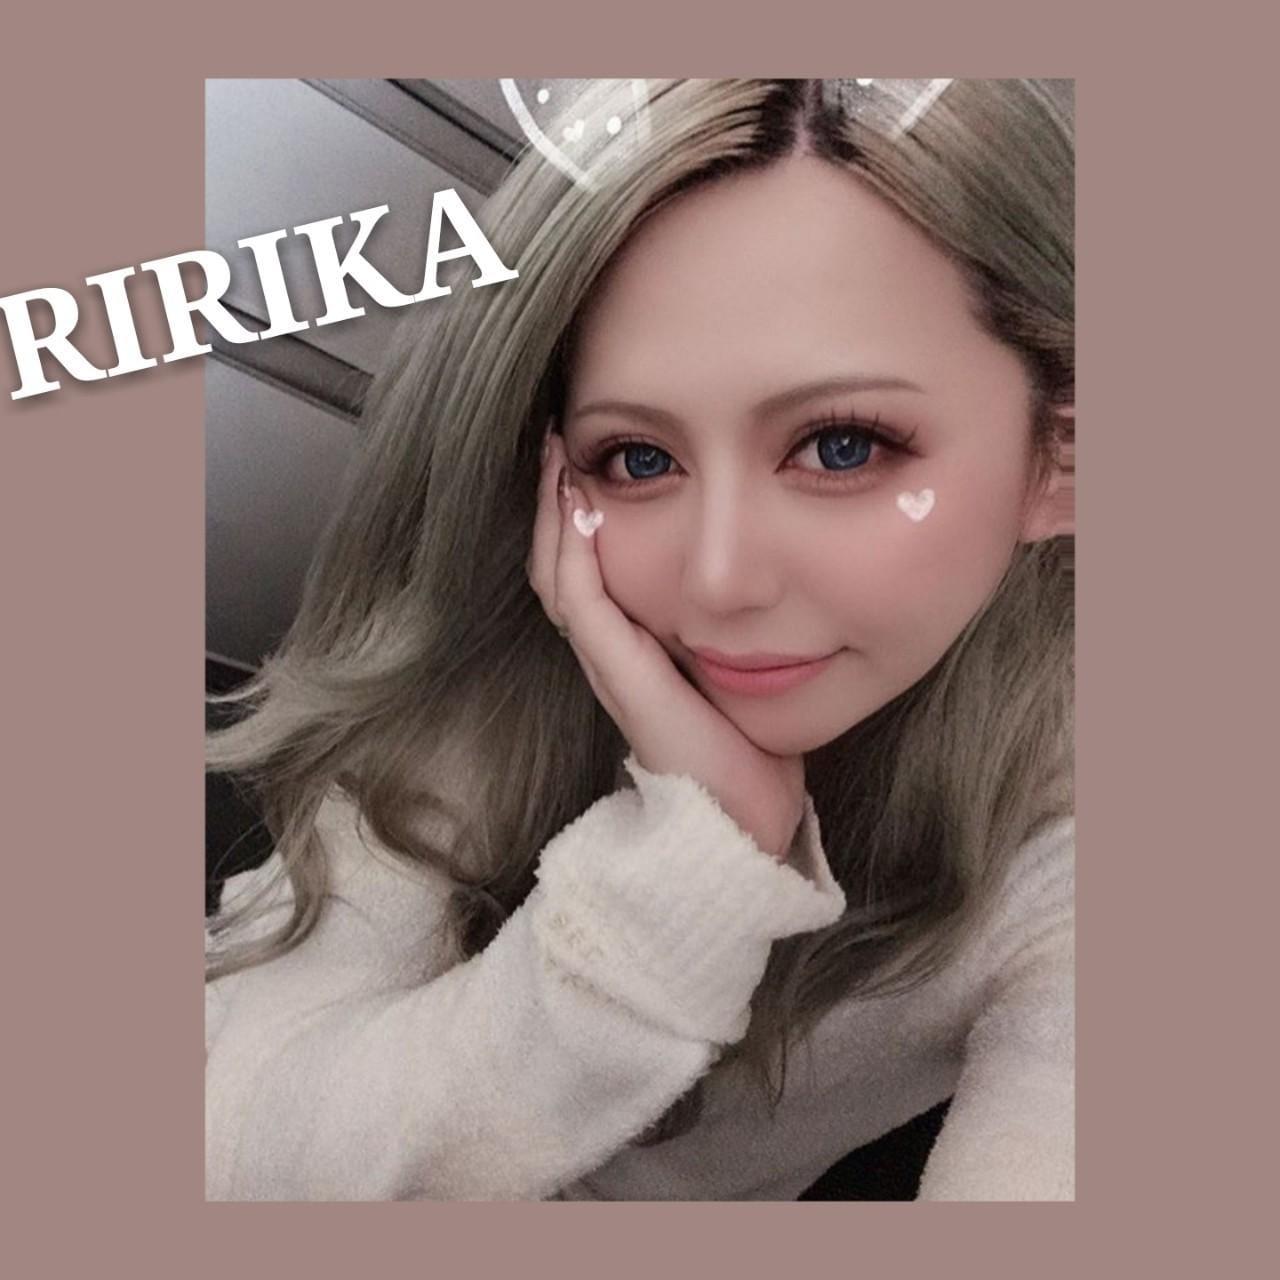 「両国のHさん☆」01/20(水) 17:41   リリカ◇の写メ・風俗動画